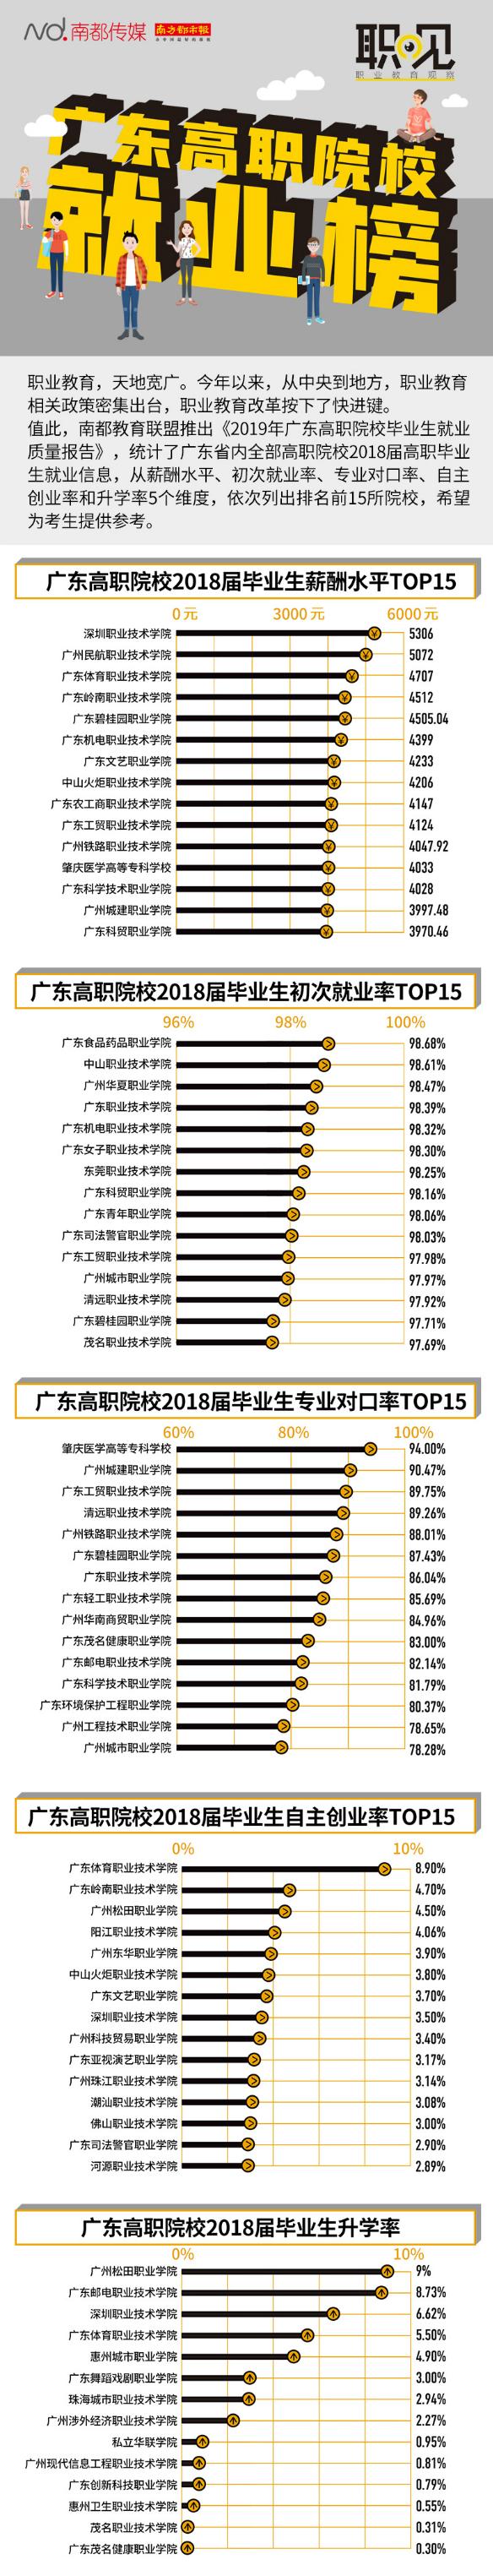 薪酬、就业率……一图读懂广东80余所高职院校毕业生就业情况